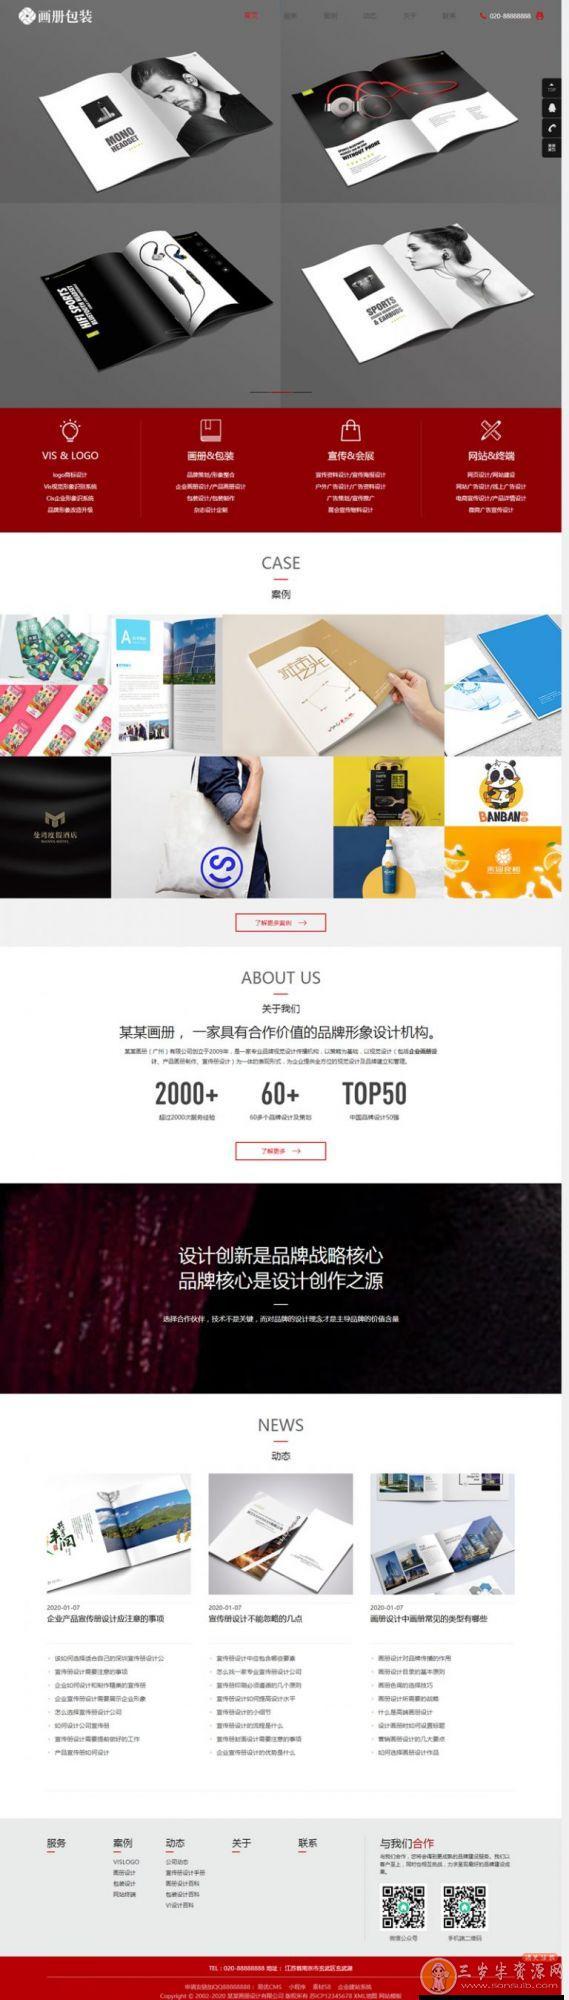 响应式画册包装设计类网站源码 HTML5品牌设计网站织梦模板 (自适应手机版)